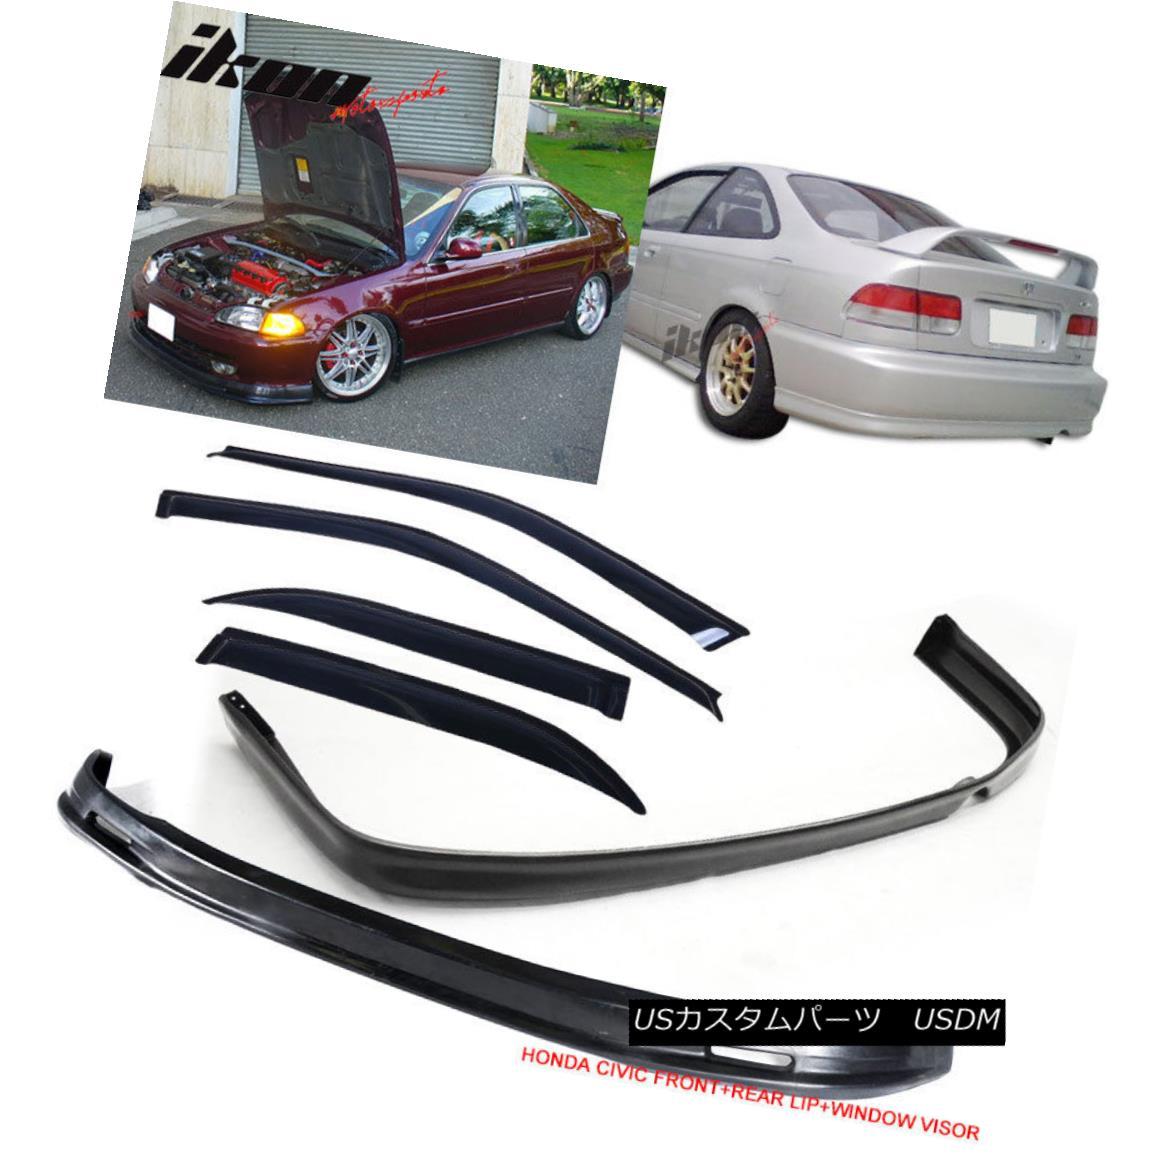 エアロパーツ Fits Honda Civic 92-95 4Dr PU Front + Rear Bumper Lip Spoiler + Sun Window Visor フィットホンダシビック92-95 4Dr PUフロント+リアバンパーリップスポイラー+サンウィンドウバイザー